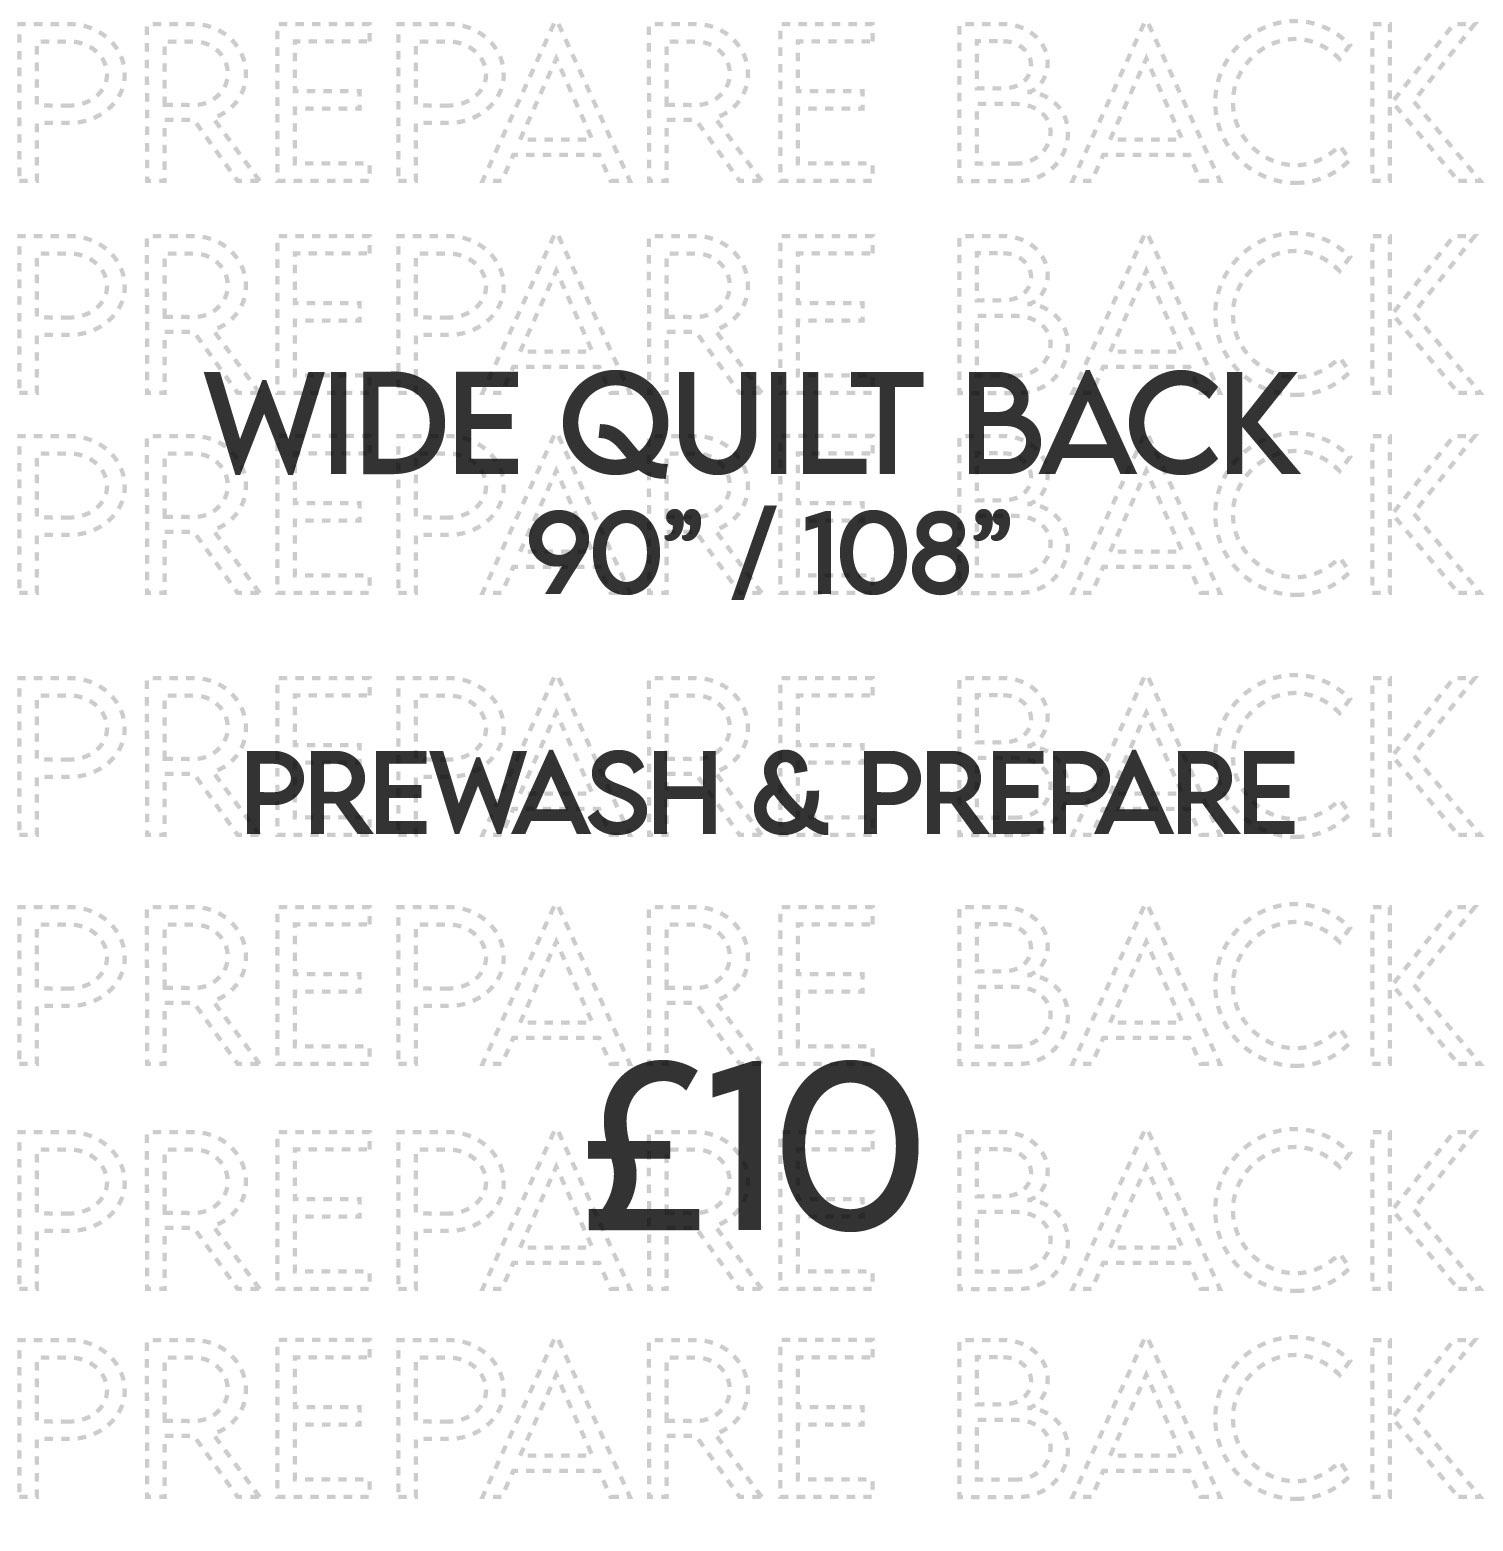 Prepare quilt back